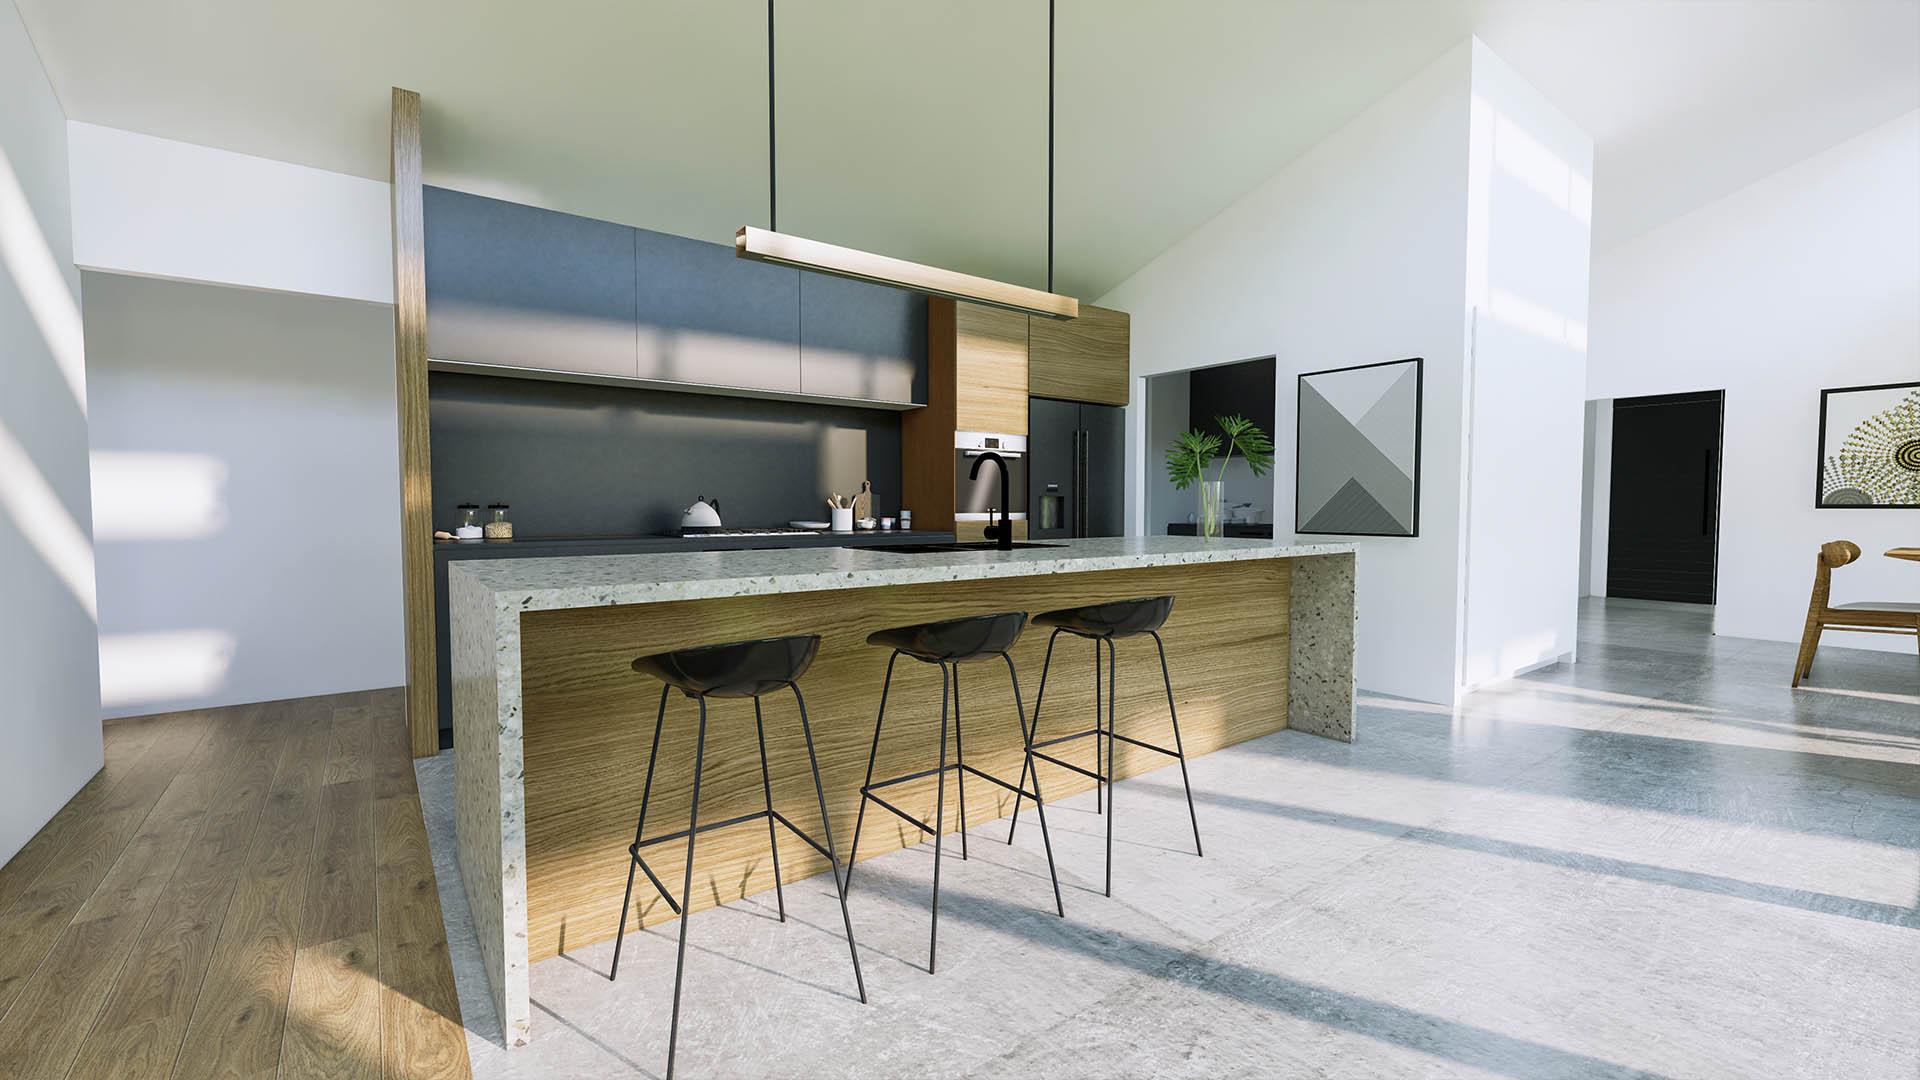 NorthIsland Kitchen